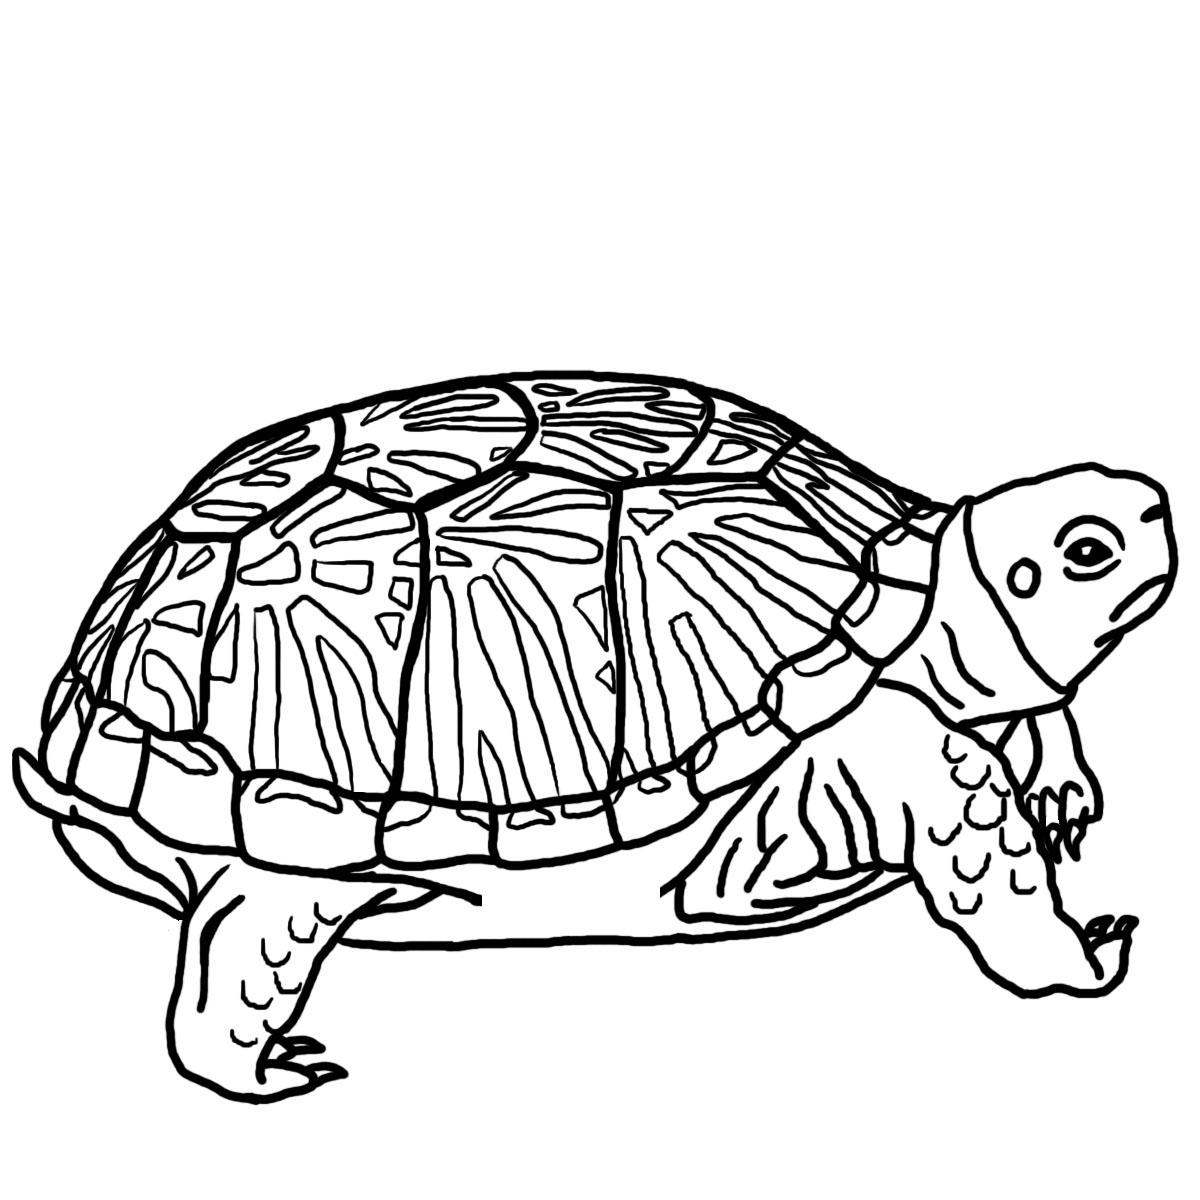 Reptile clipart turtle #12